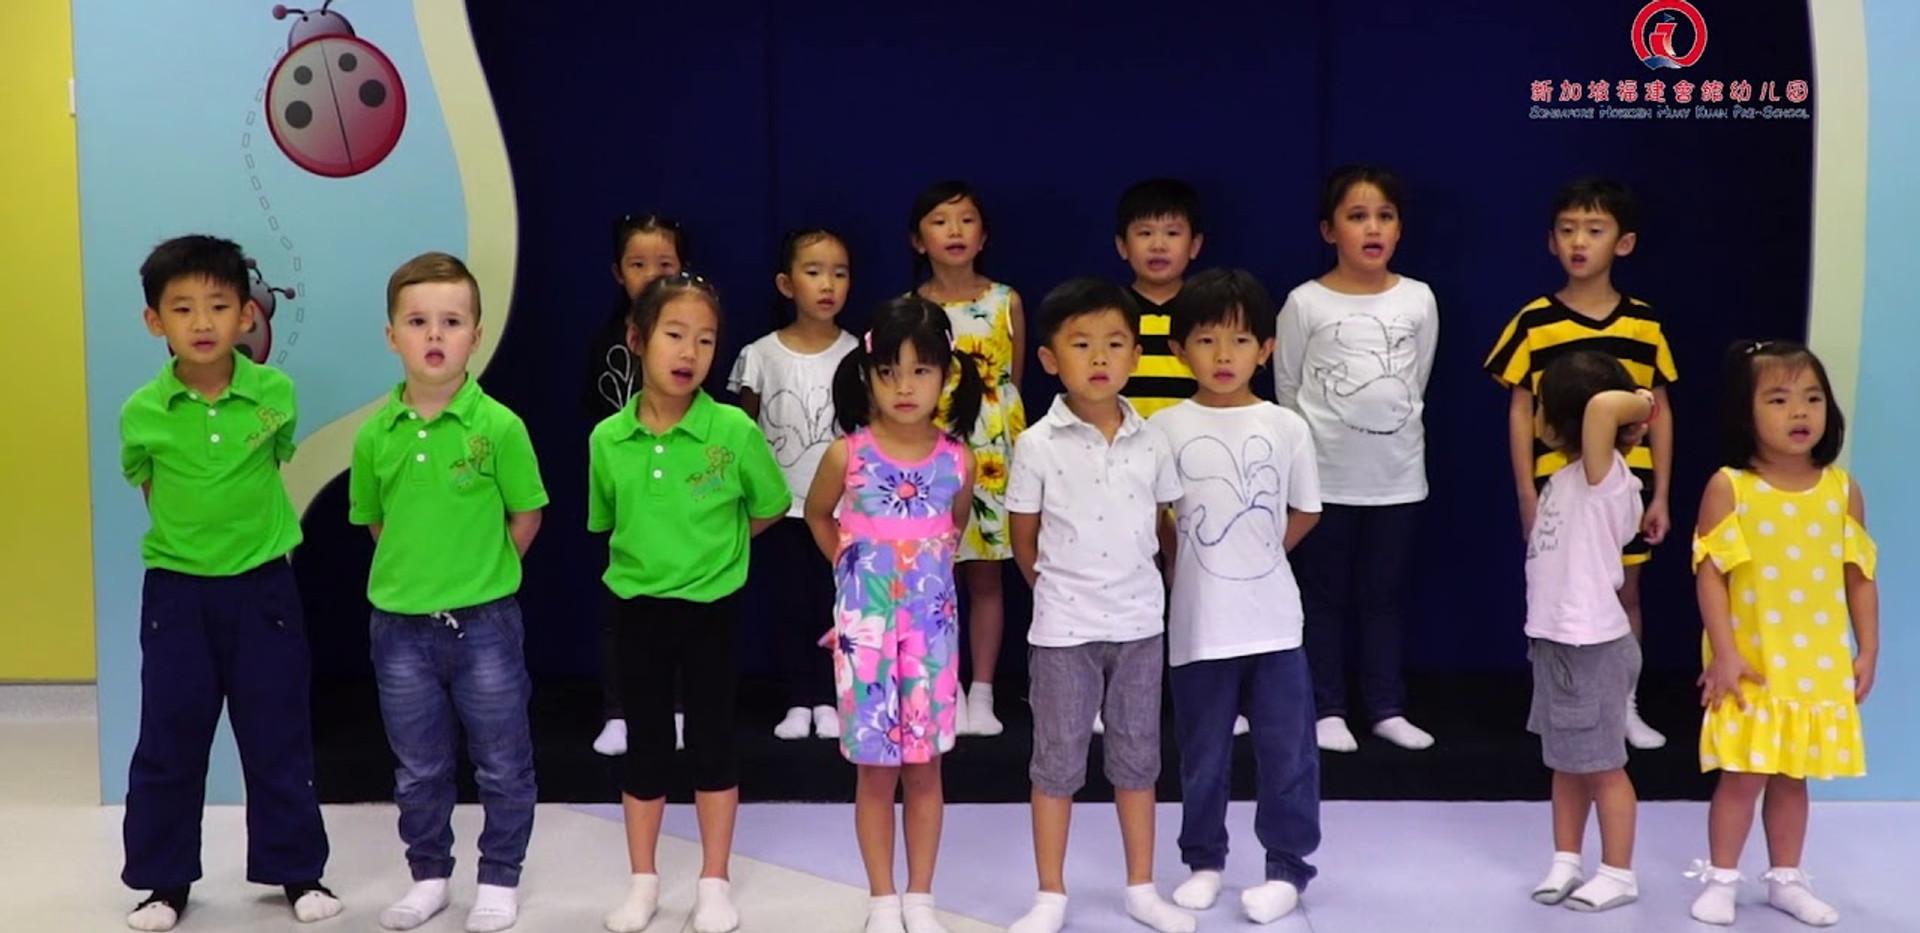 Chinese recitation